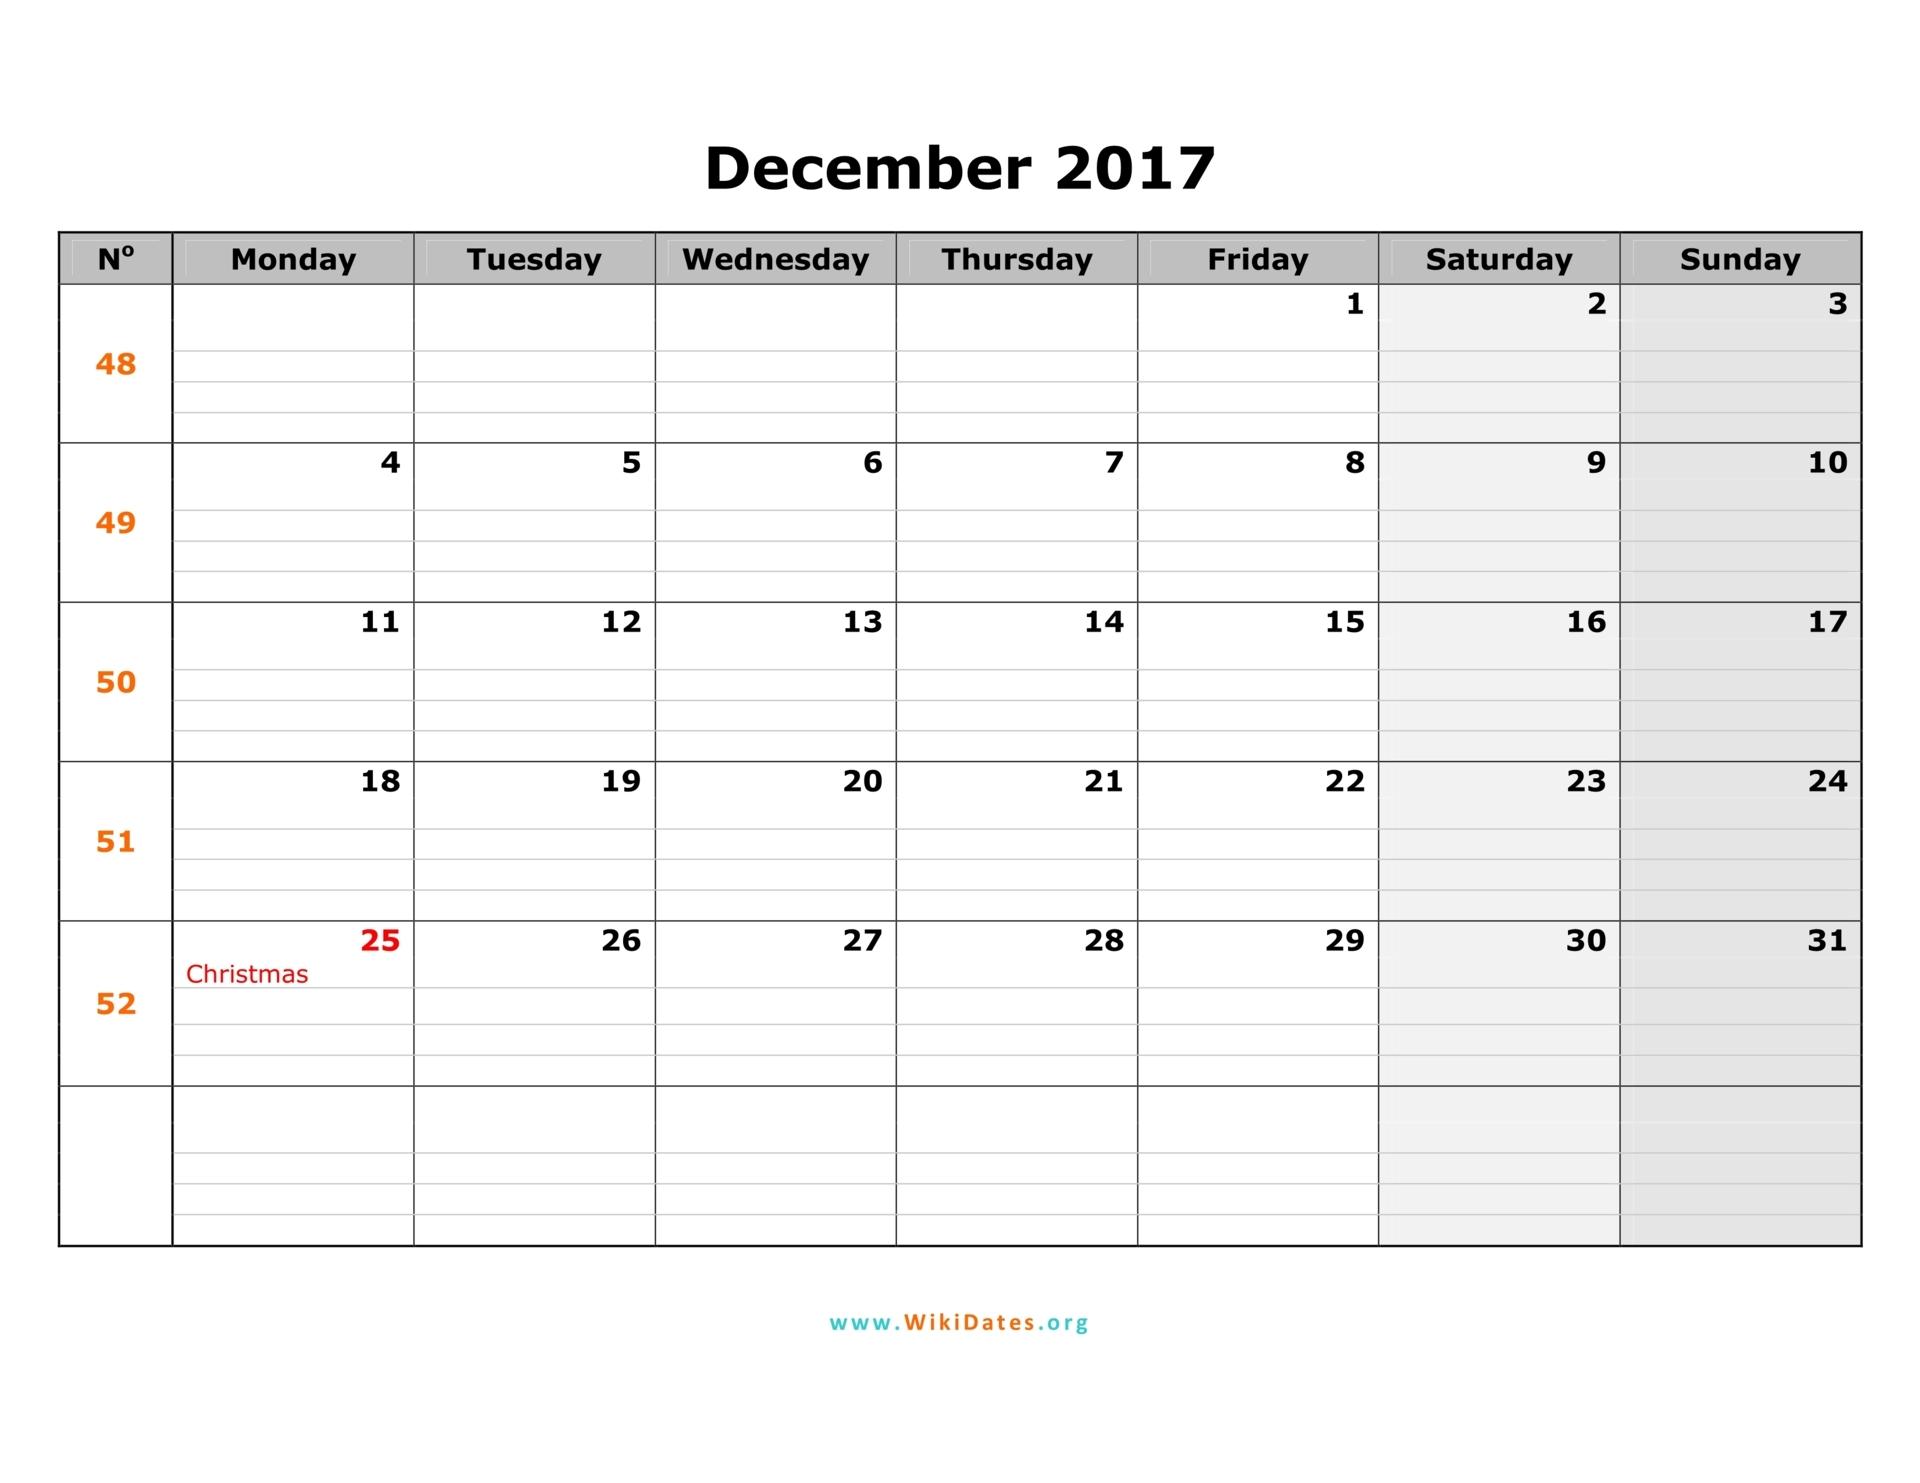 December 2017 Calendar | WikiDates.org